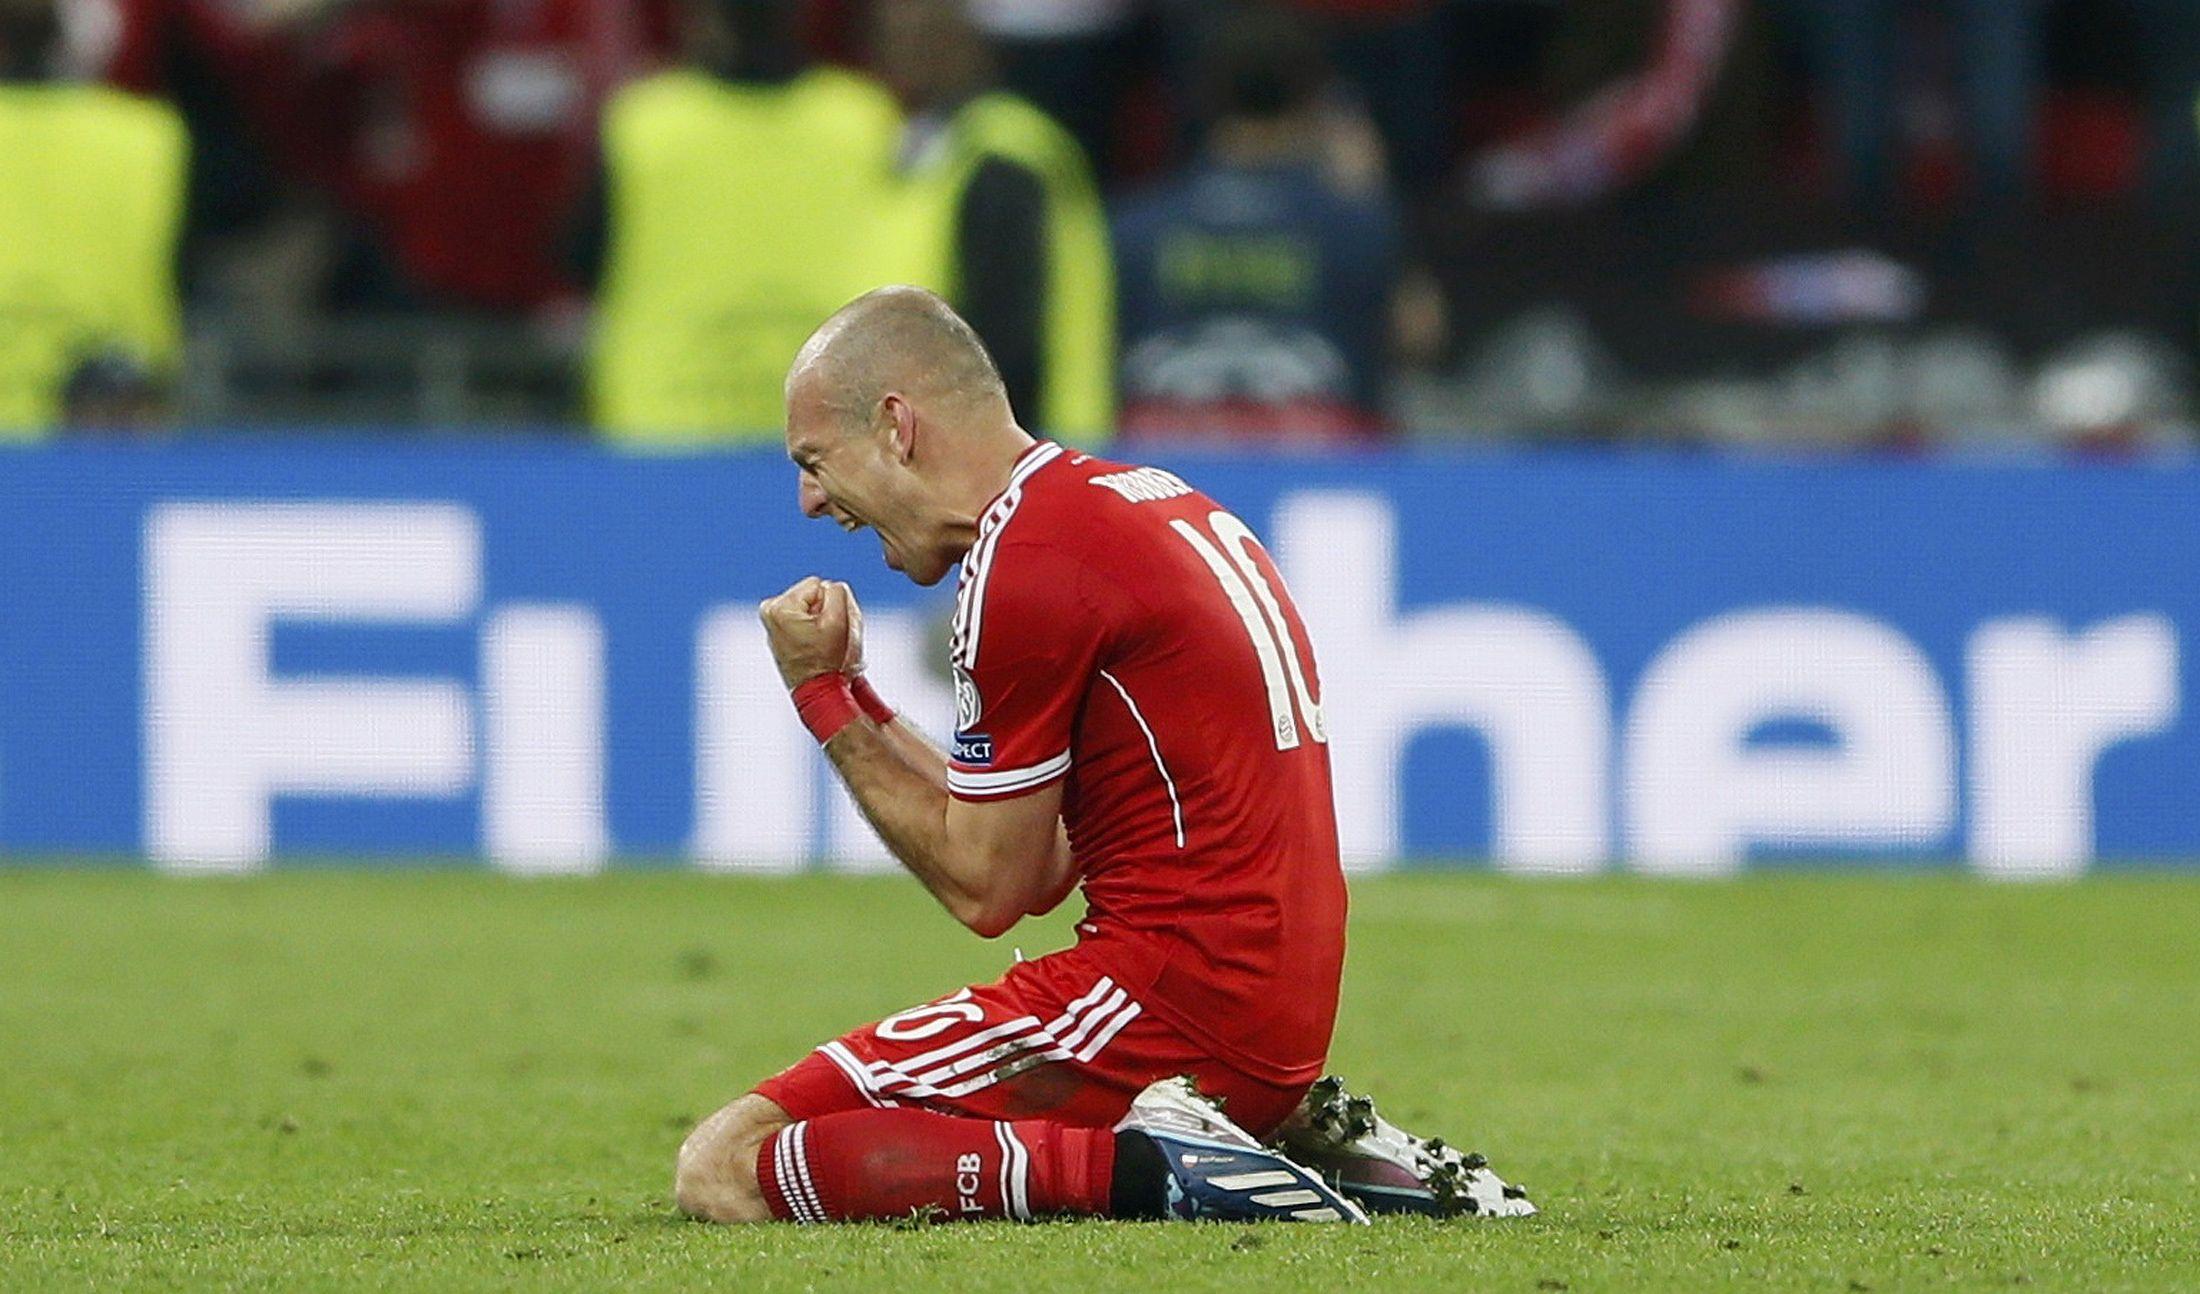 Бавария — Аугсбург: 12-09-2015